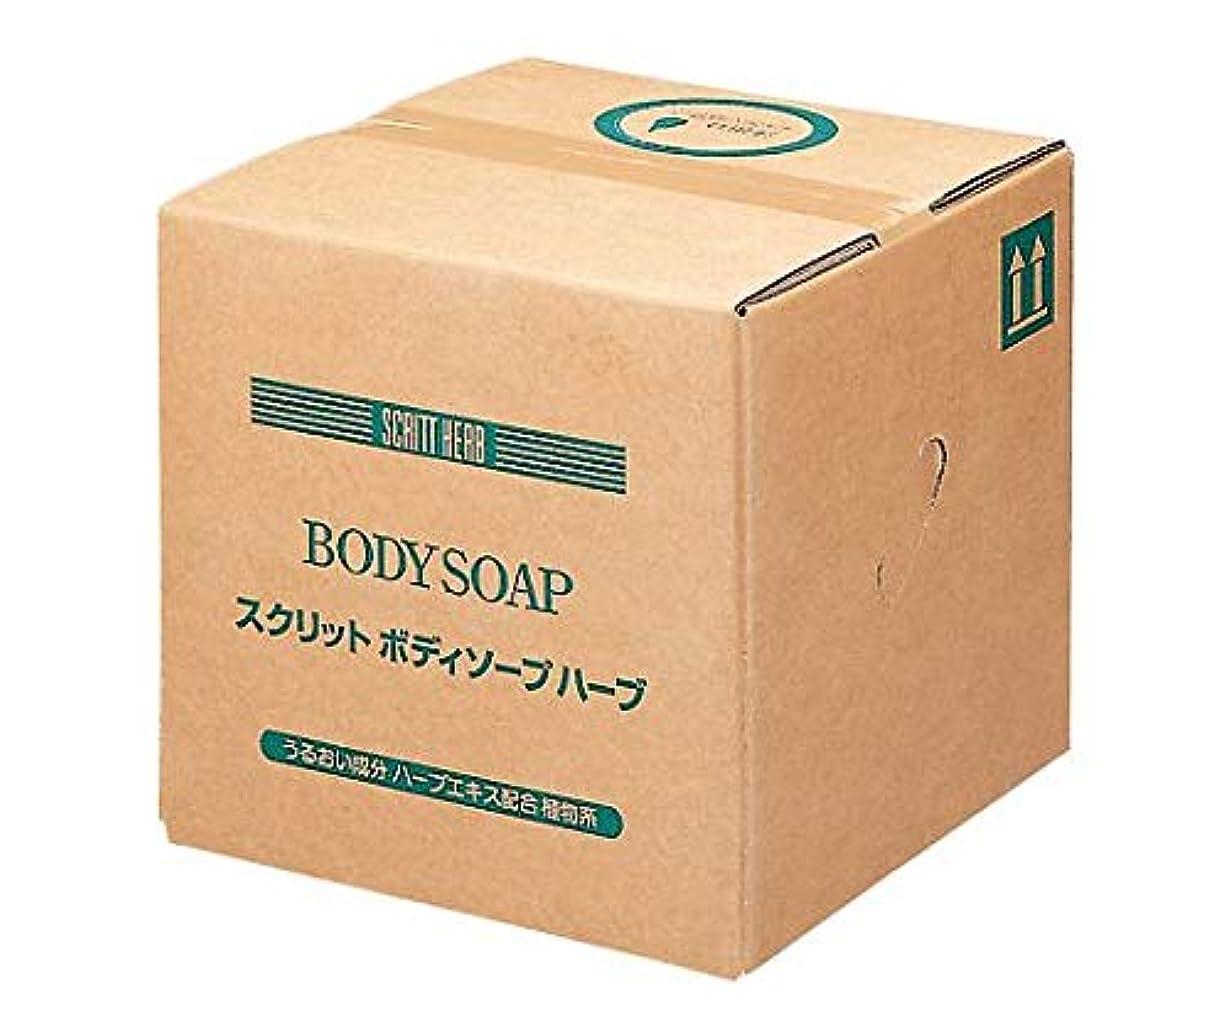 ペースト六月炎上熊野油脂 業務用 SCRITT(スクリット) ボデイソ-プ 18L